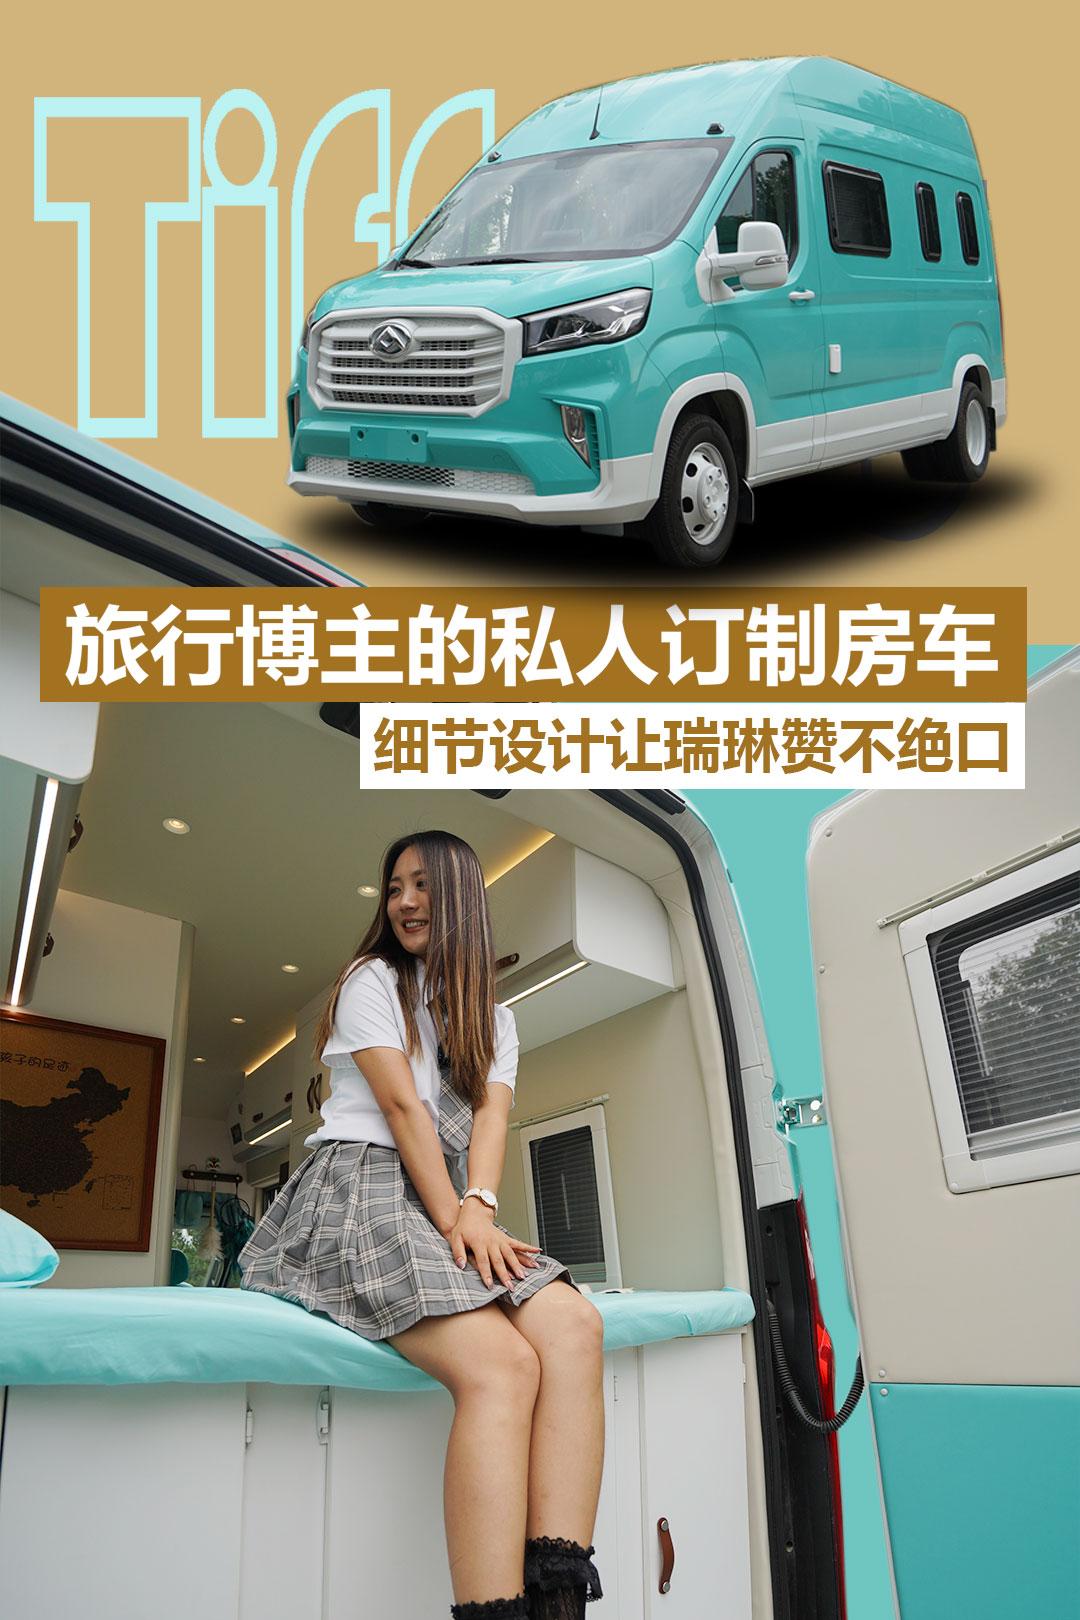 旅行博主私人订制V90B型房车,蒂芙尼蓝配色,细节设计让瑞琳赞不绝口